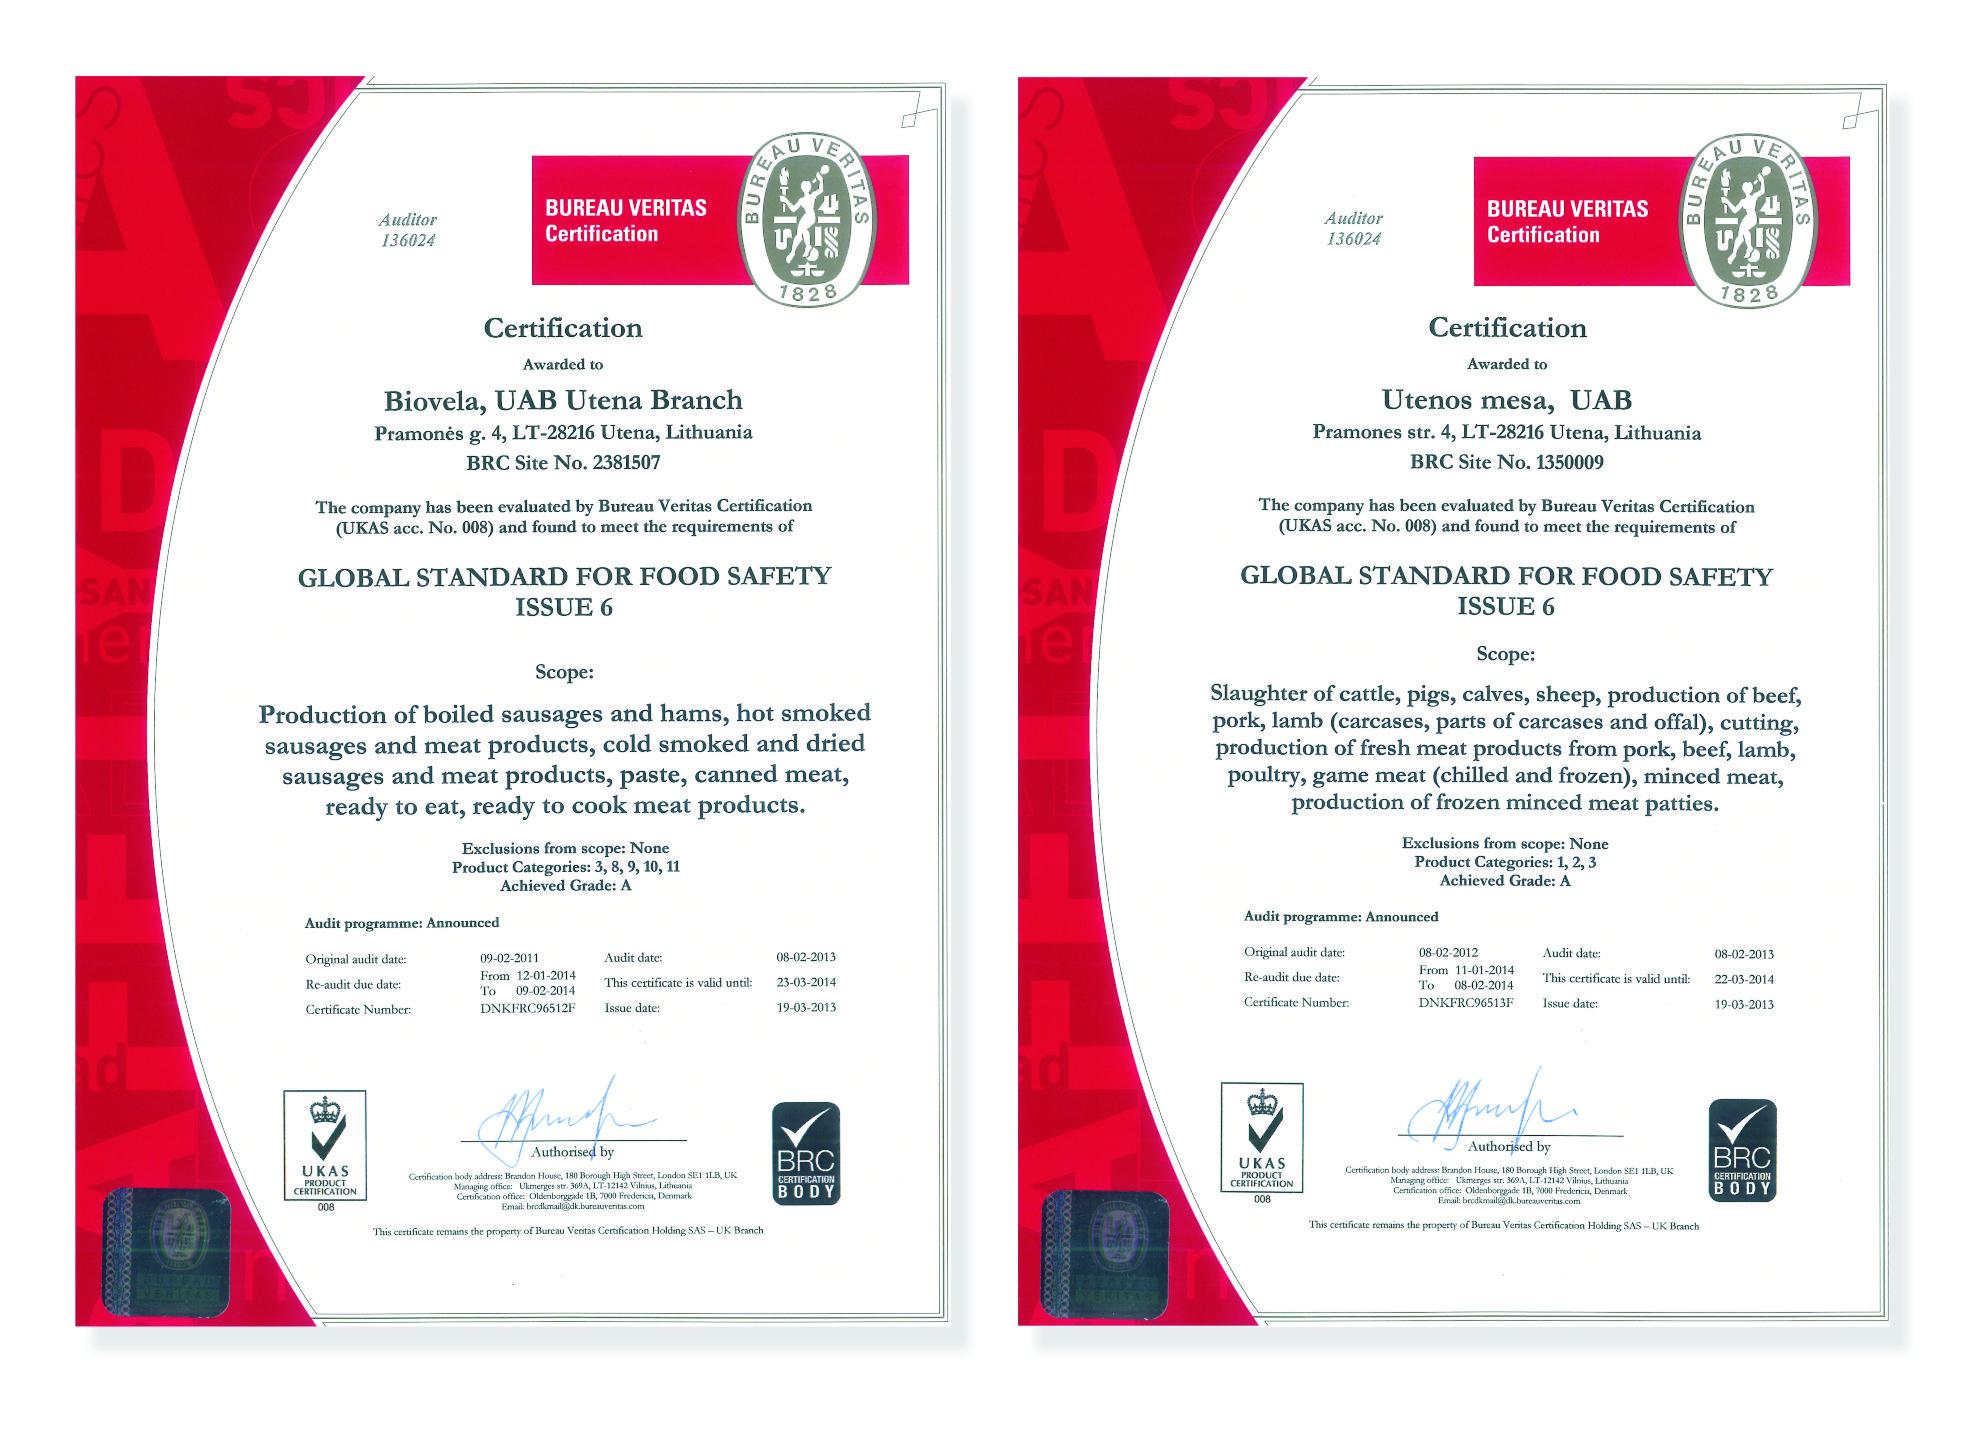 Brc Certificate Grade A For Biovela Uab And Utenos Msa Uab